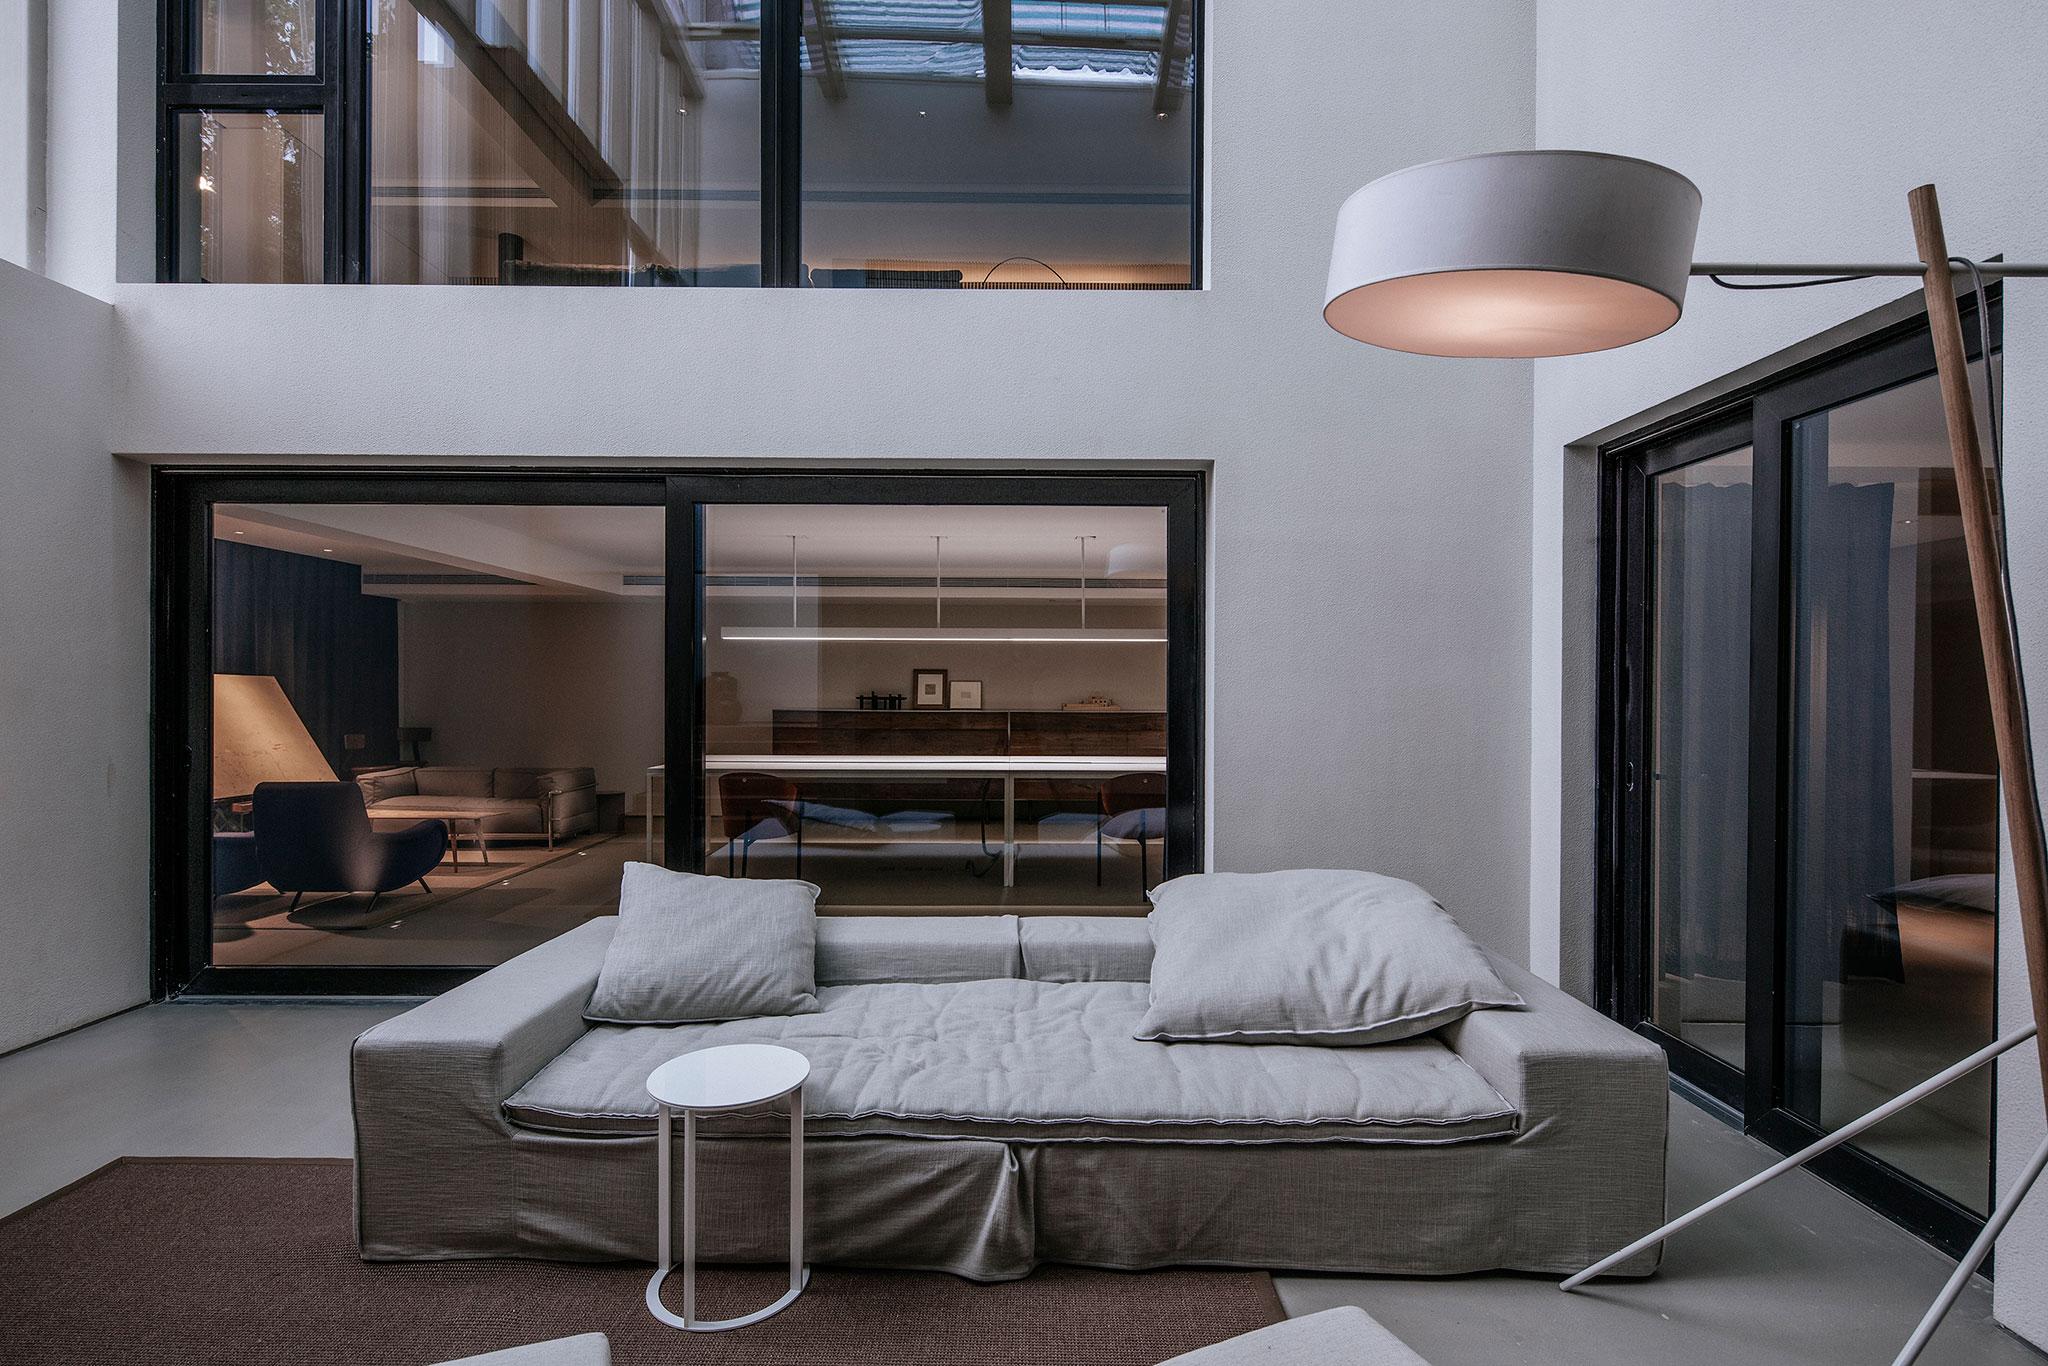 Architecture Verte + Design Urbain: Place Qubec by Atelier 21 Architects